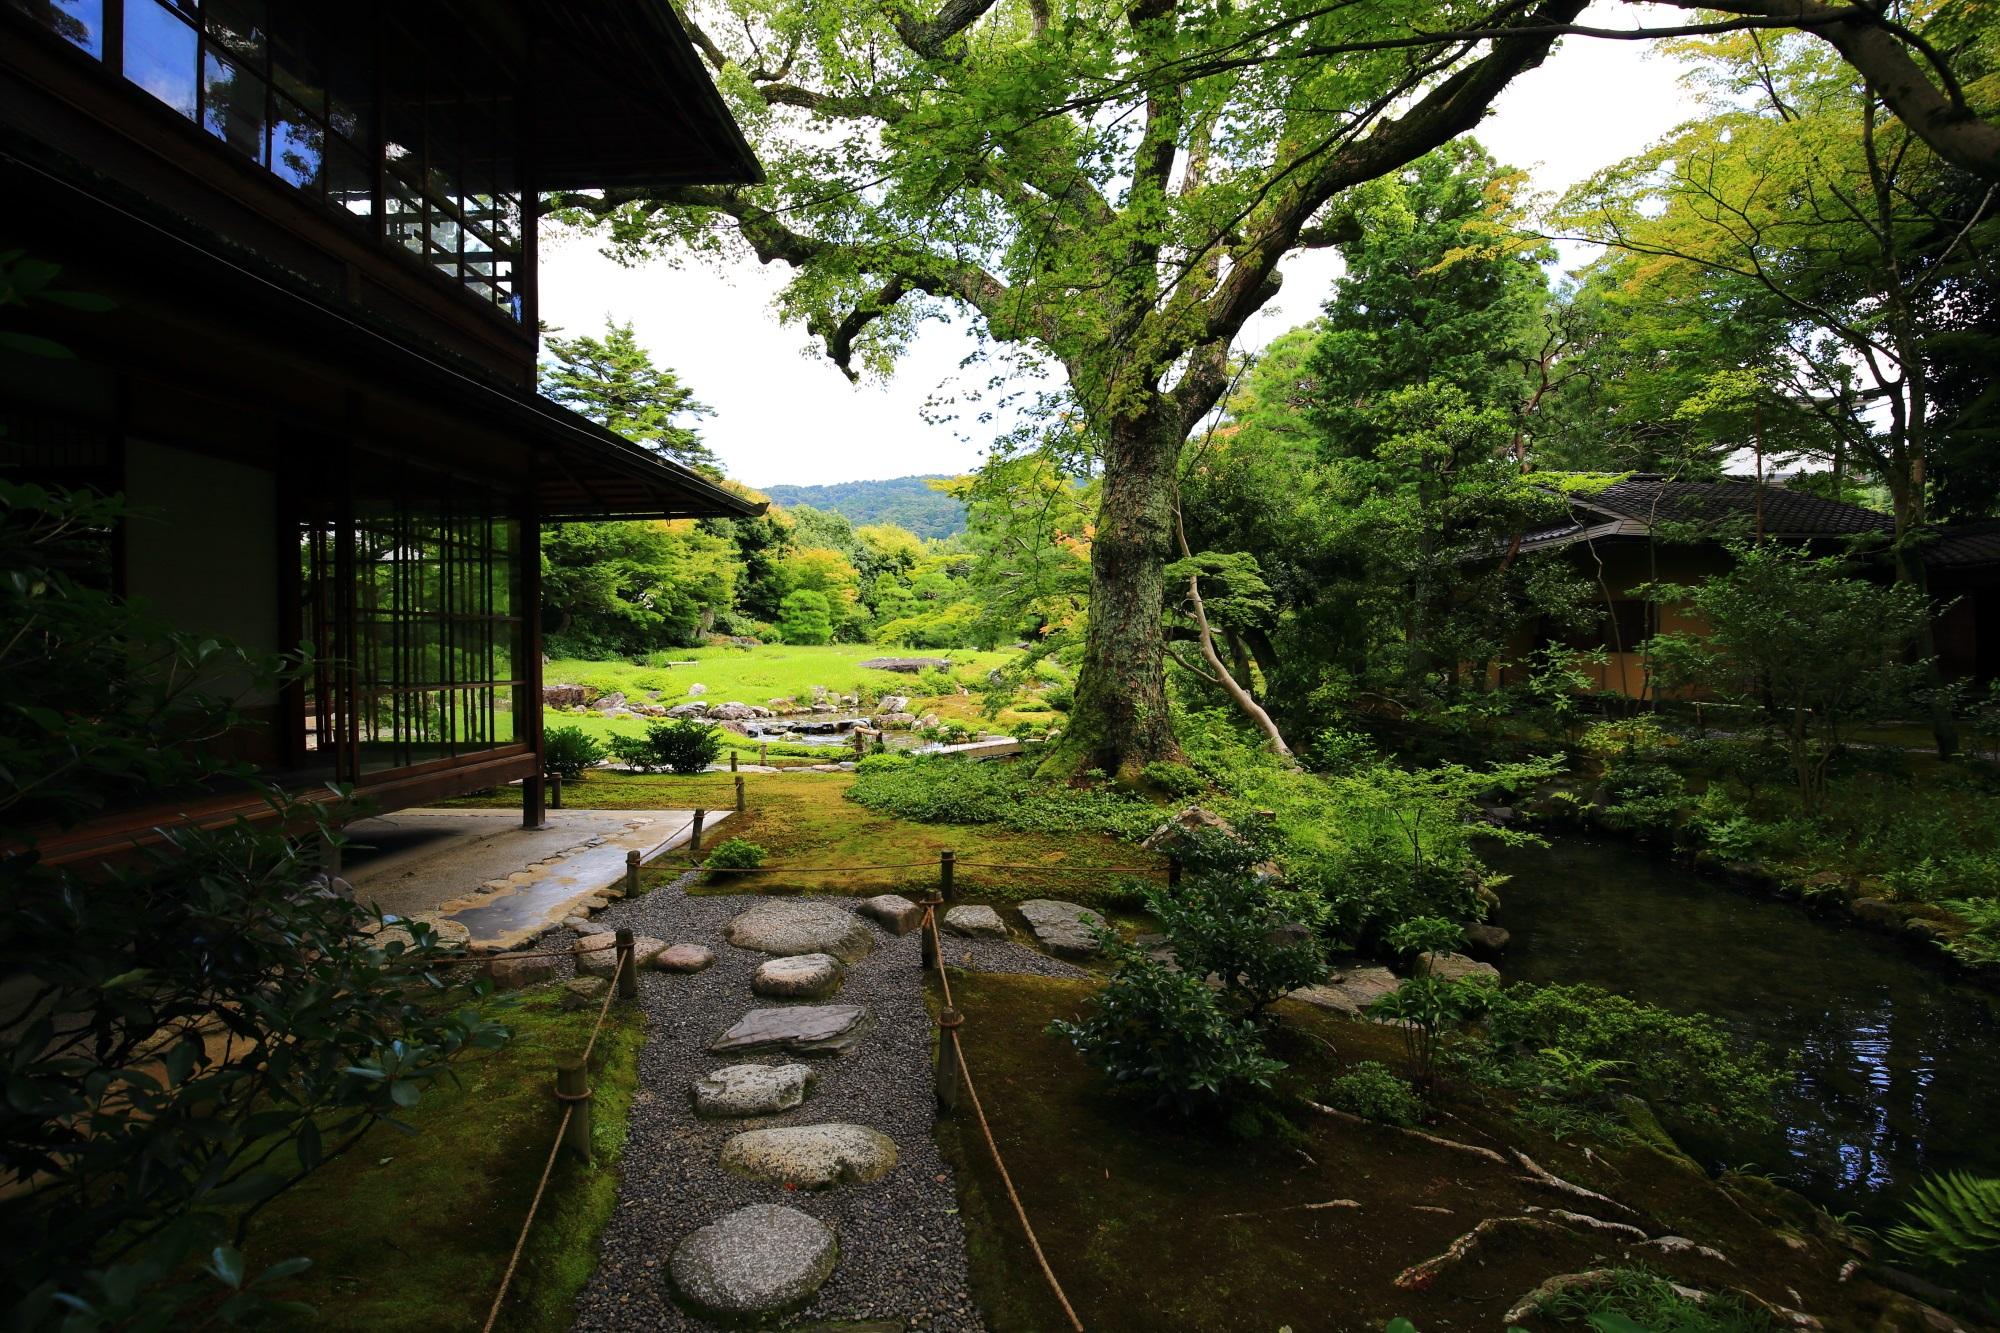 無鄰菴(むりんあん)の池泉回遊式庭園